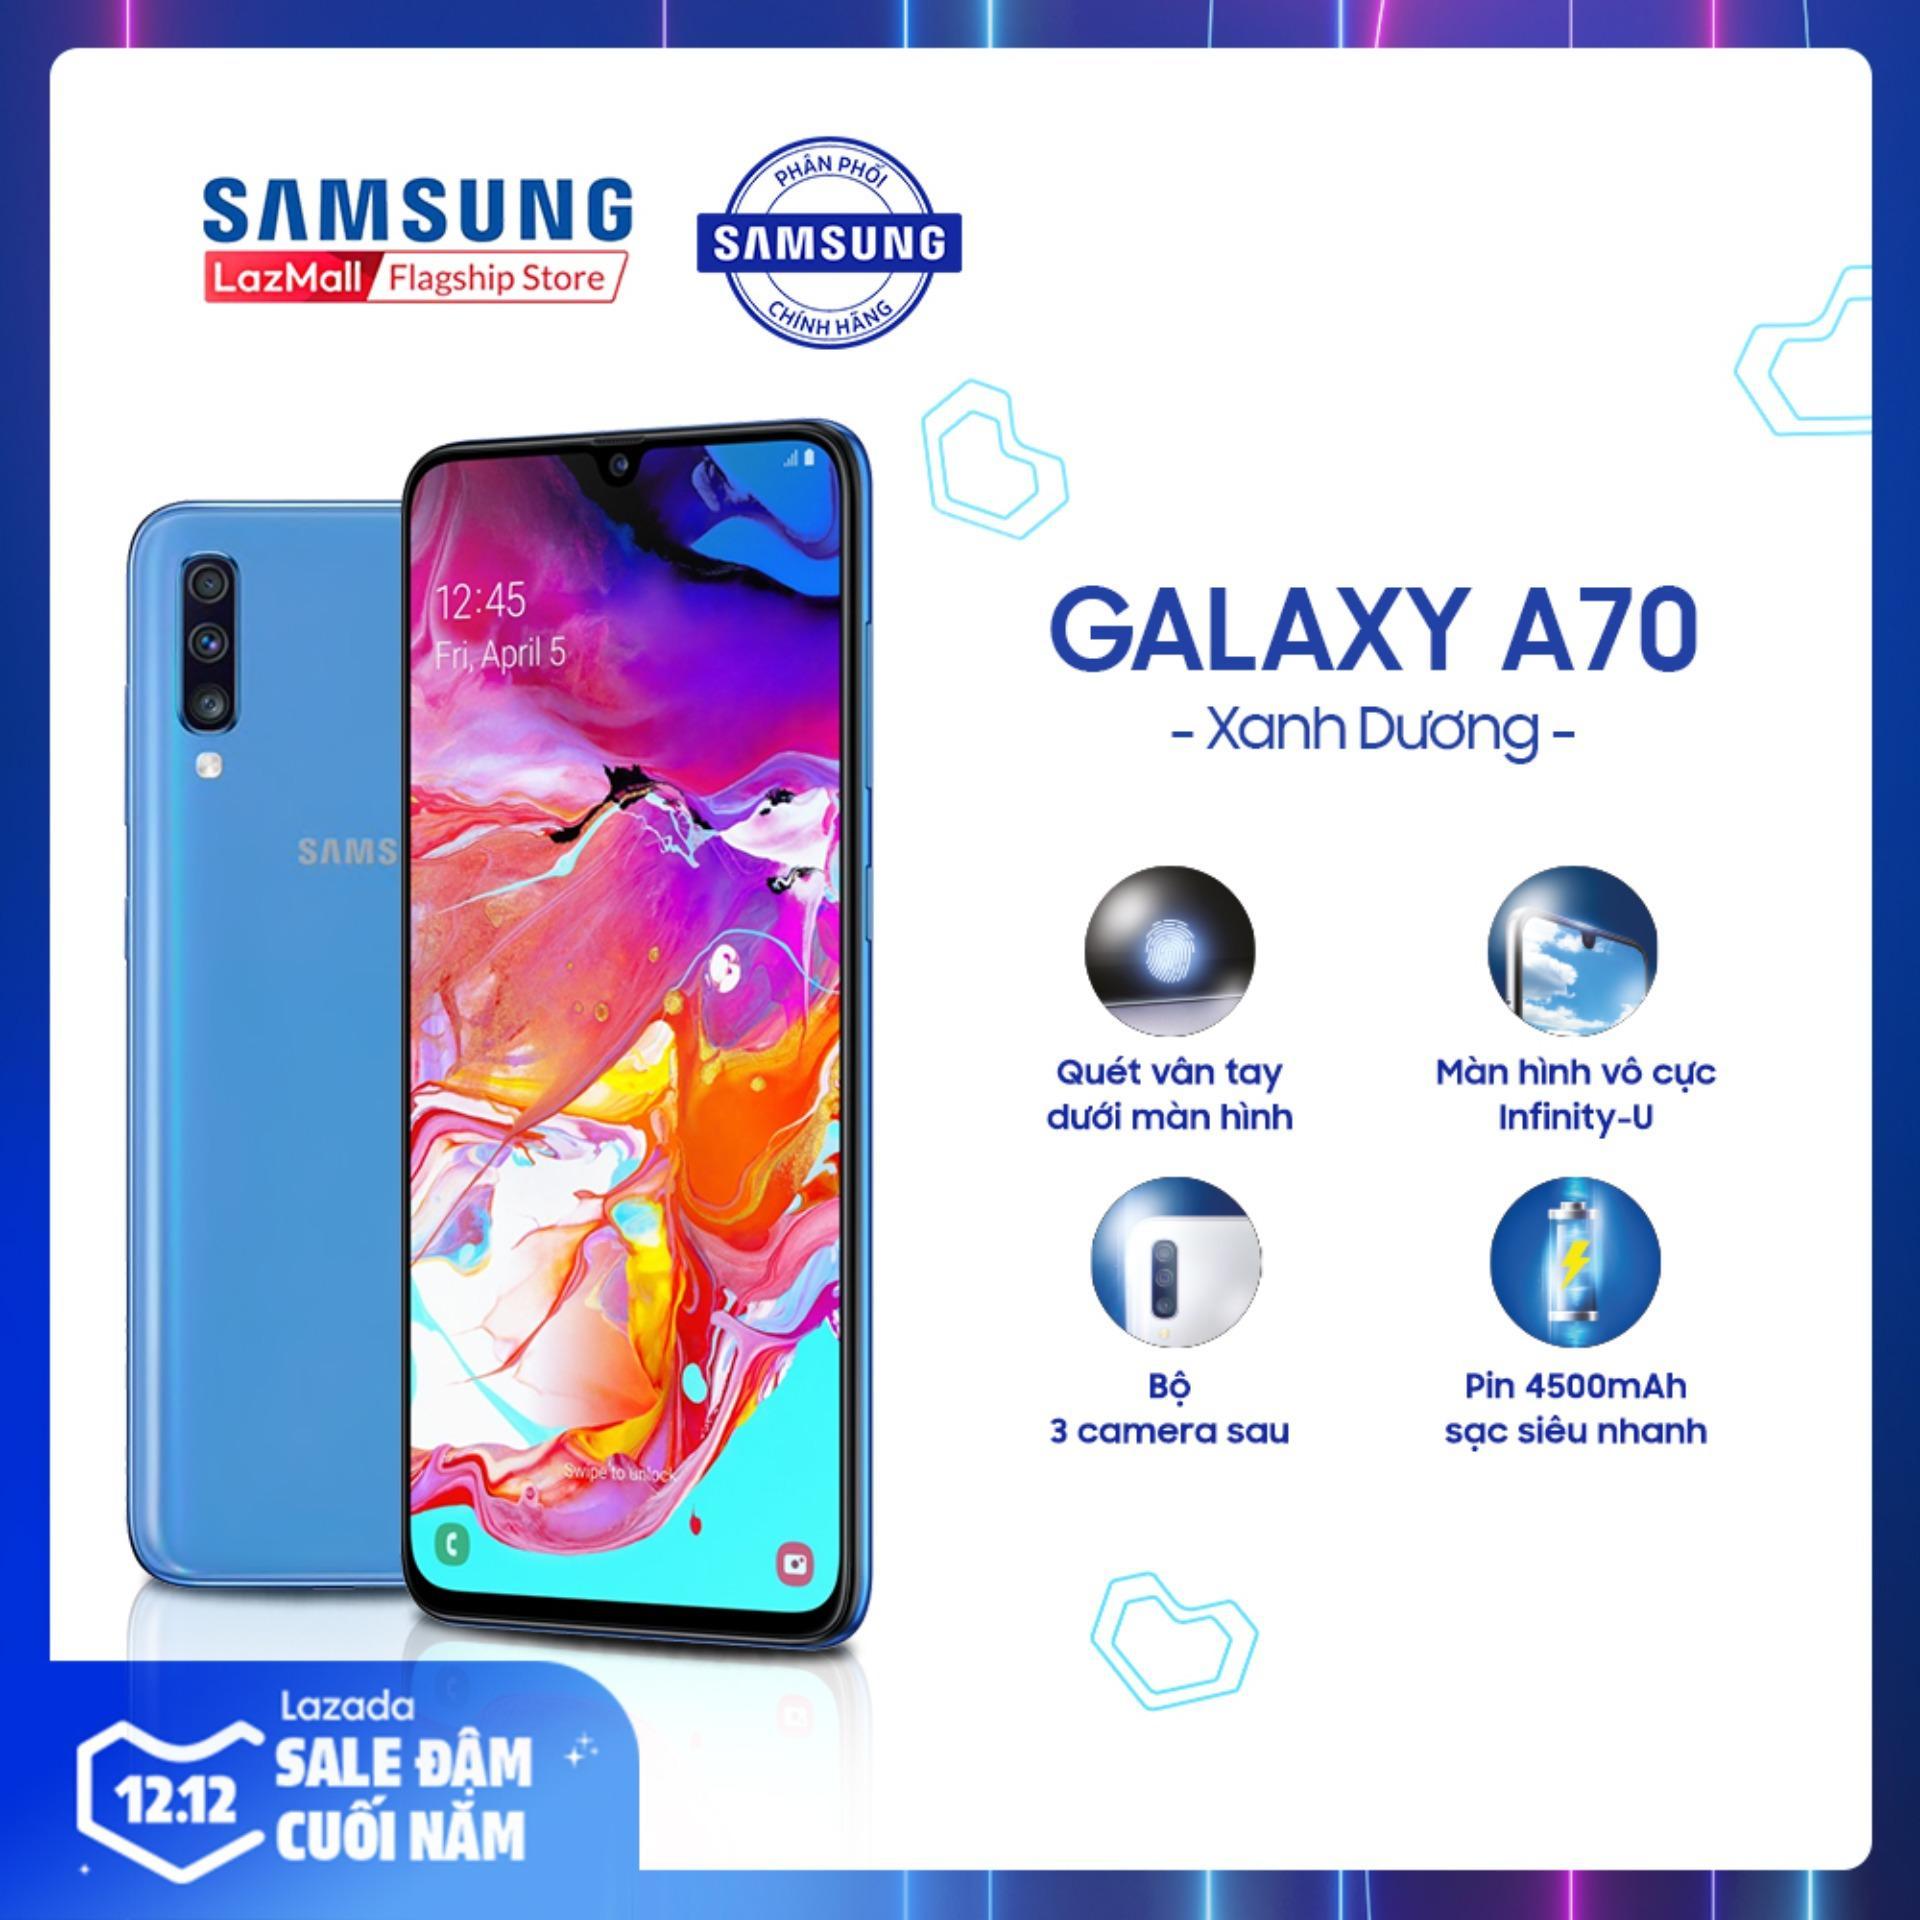 Giảm Giá Ưu Đãi Khi Mua Điện Thoại Samsung Galaxy A70 128 GB (6GB RAM) - Màn Hình Super AMOLED 6.0  Full HD + Bảo Mật Cảm Biến Vân Tay Dưới Màn Hình + Nhận Diện Khuôn Mặt + Bộ 3 Camera Sau + Pin 4000 MAh - Hàng Phân Phối Chính Hãng.